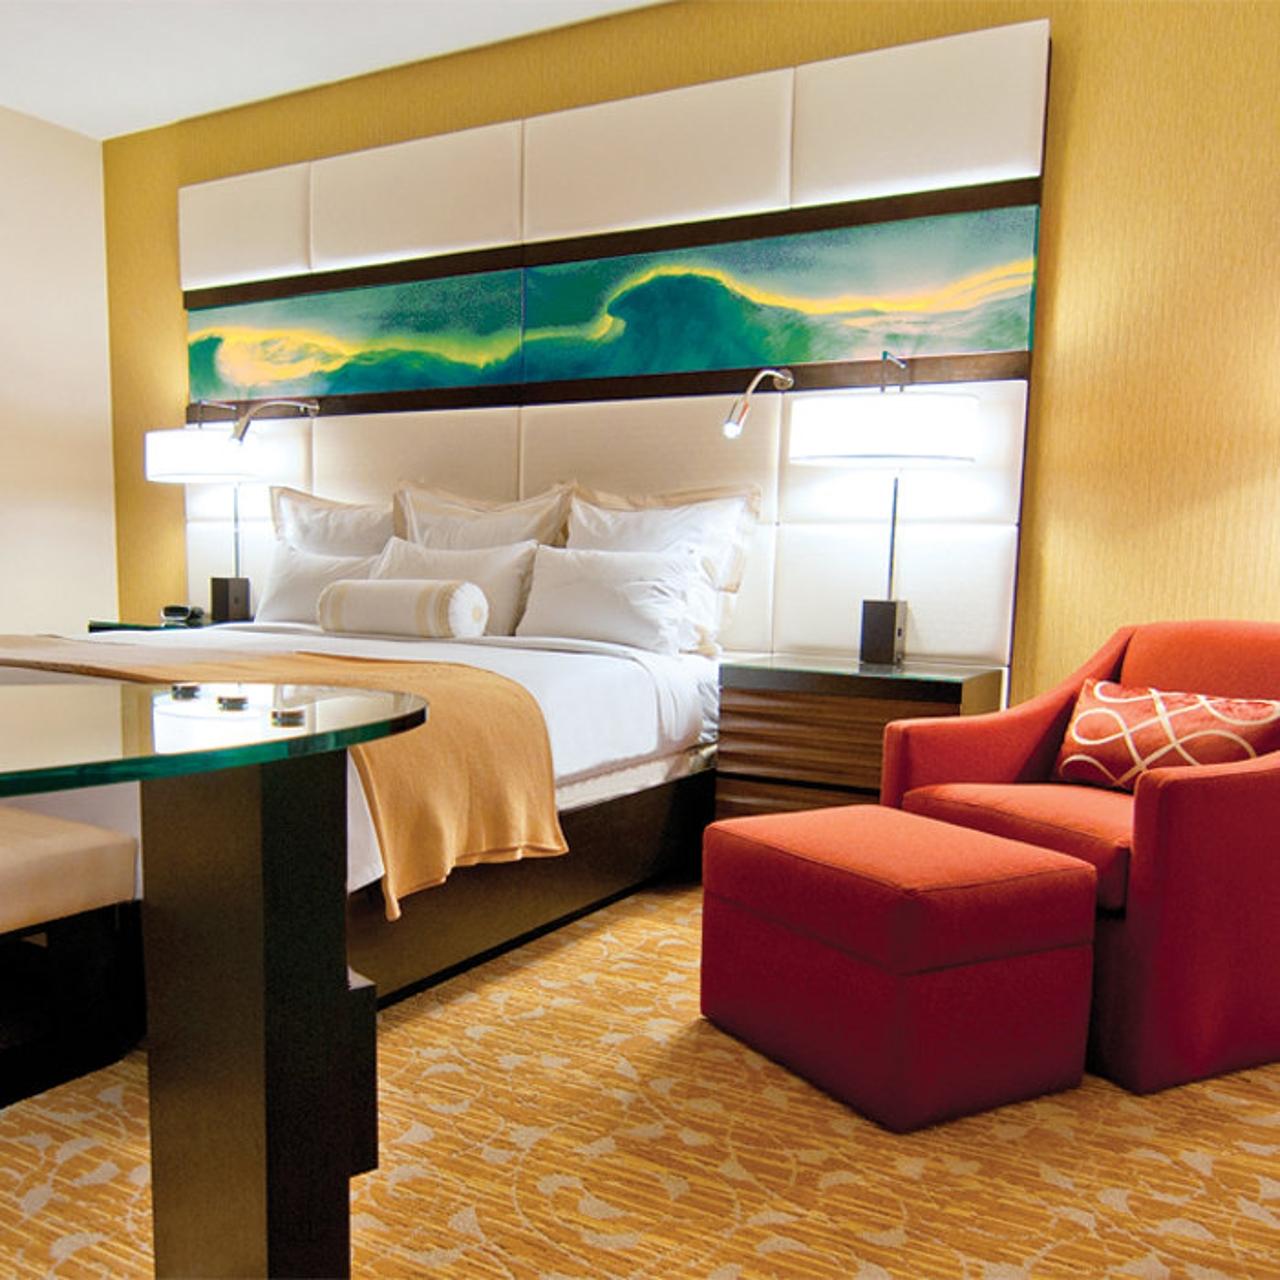 The La Grand Hotel Downtown Los Angeles Kalifornien Bei Hrs Mit Gratis Leistungen